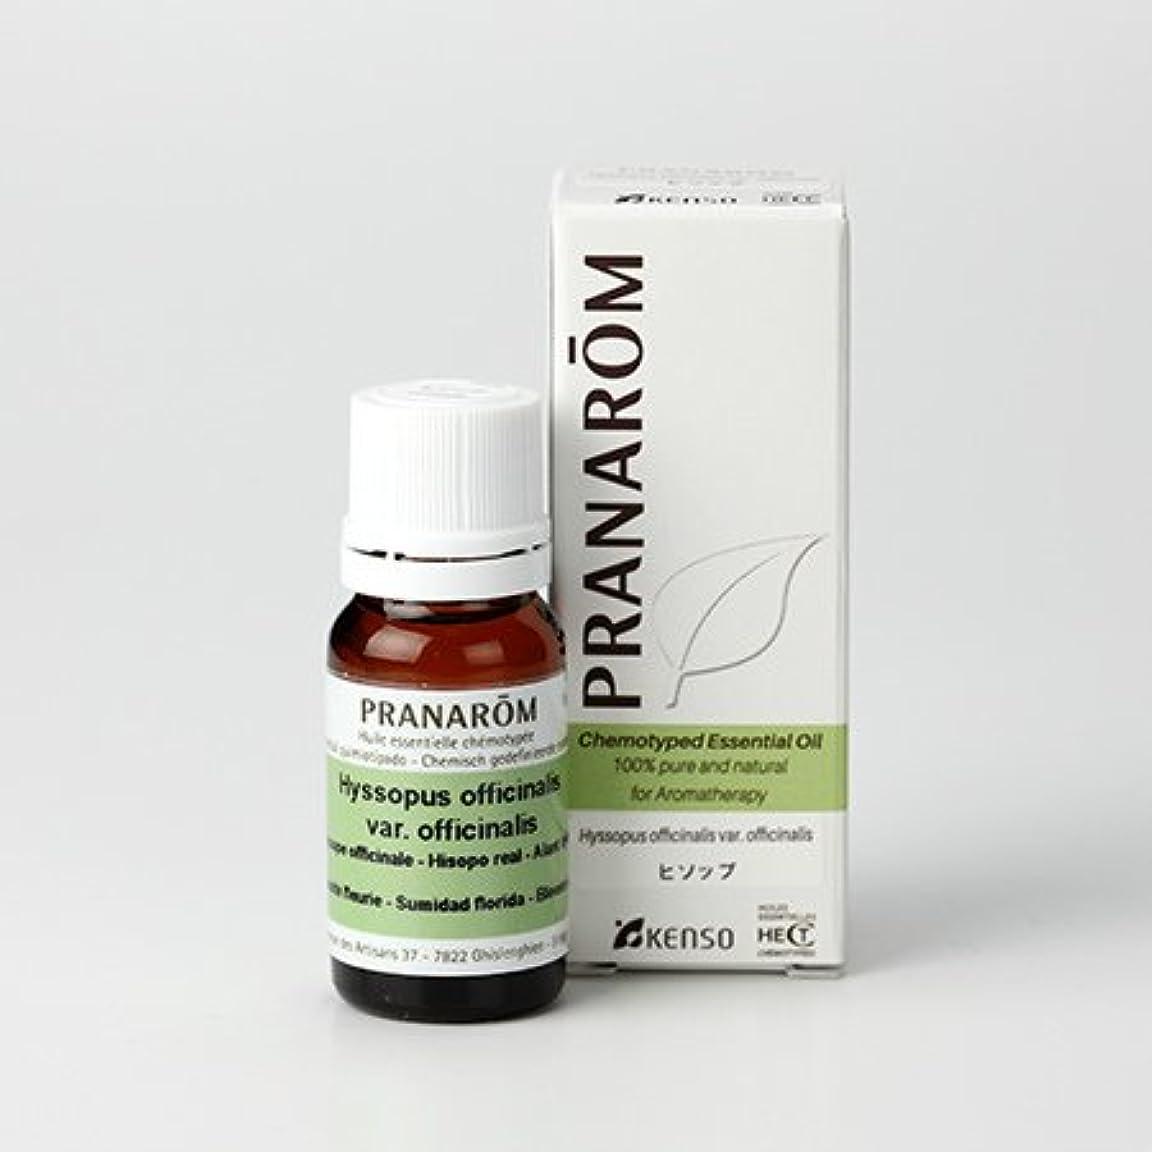 並外れた有効化イタリックプラナロム ヒソップ 10ml (PRANAROM ケモタイプ精油)